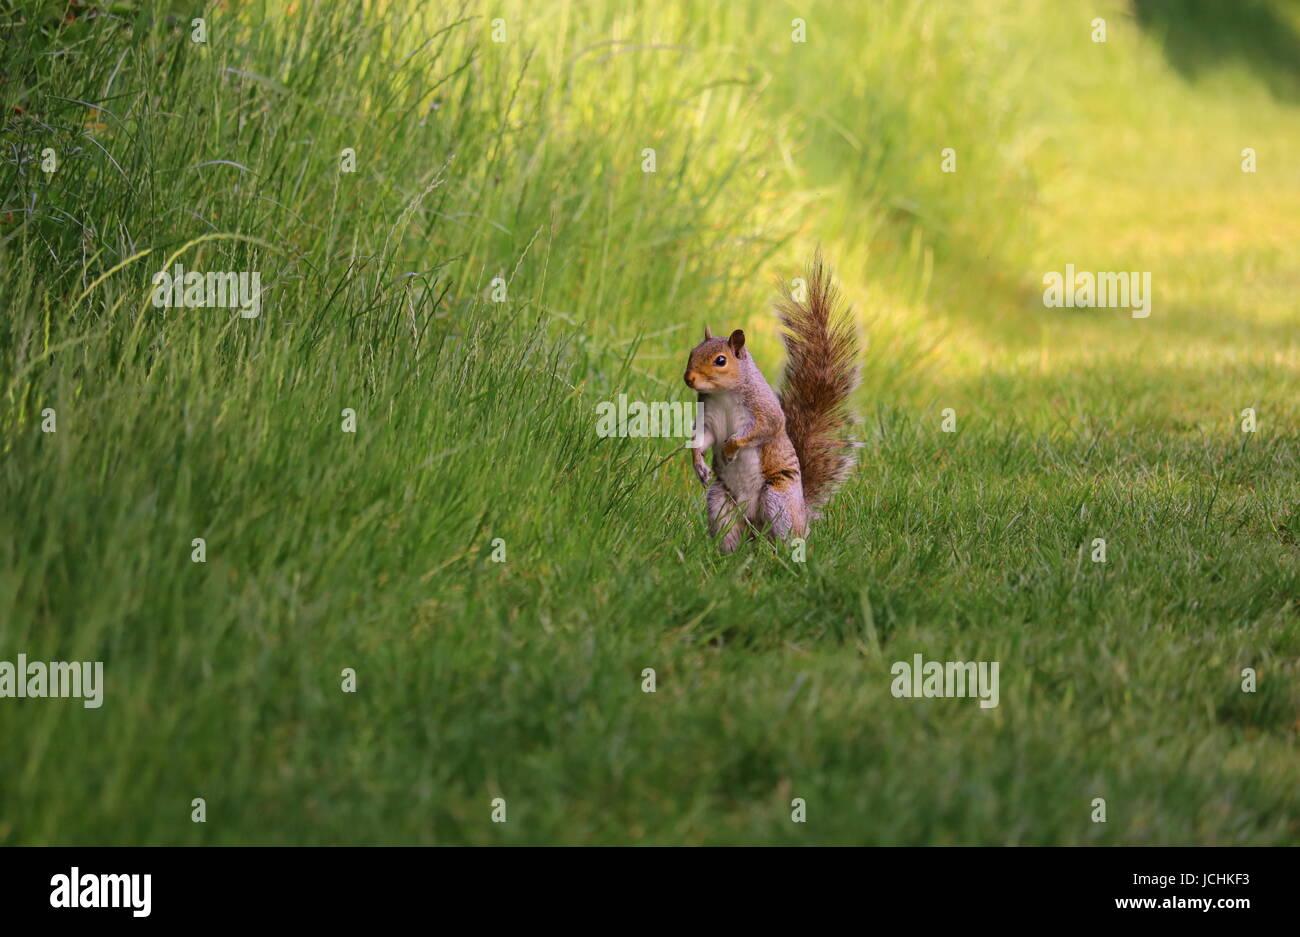 Squirrel caught unaware - Stock Image